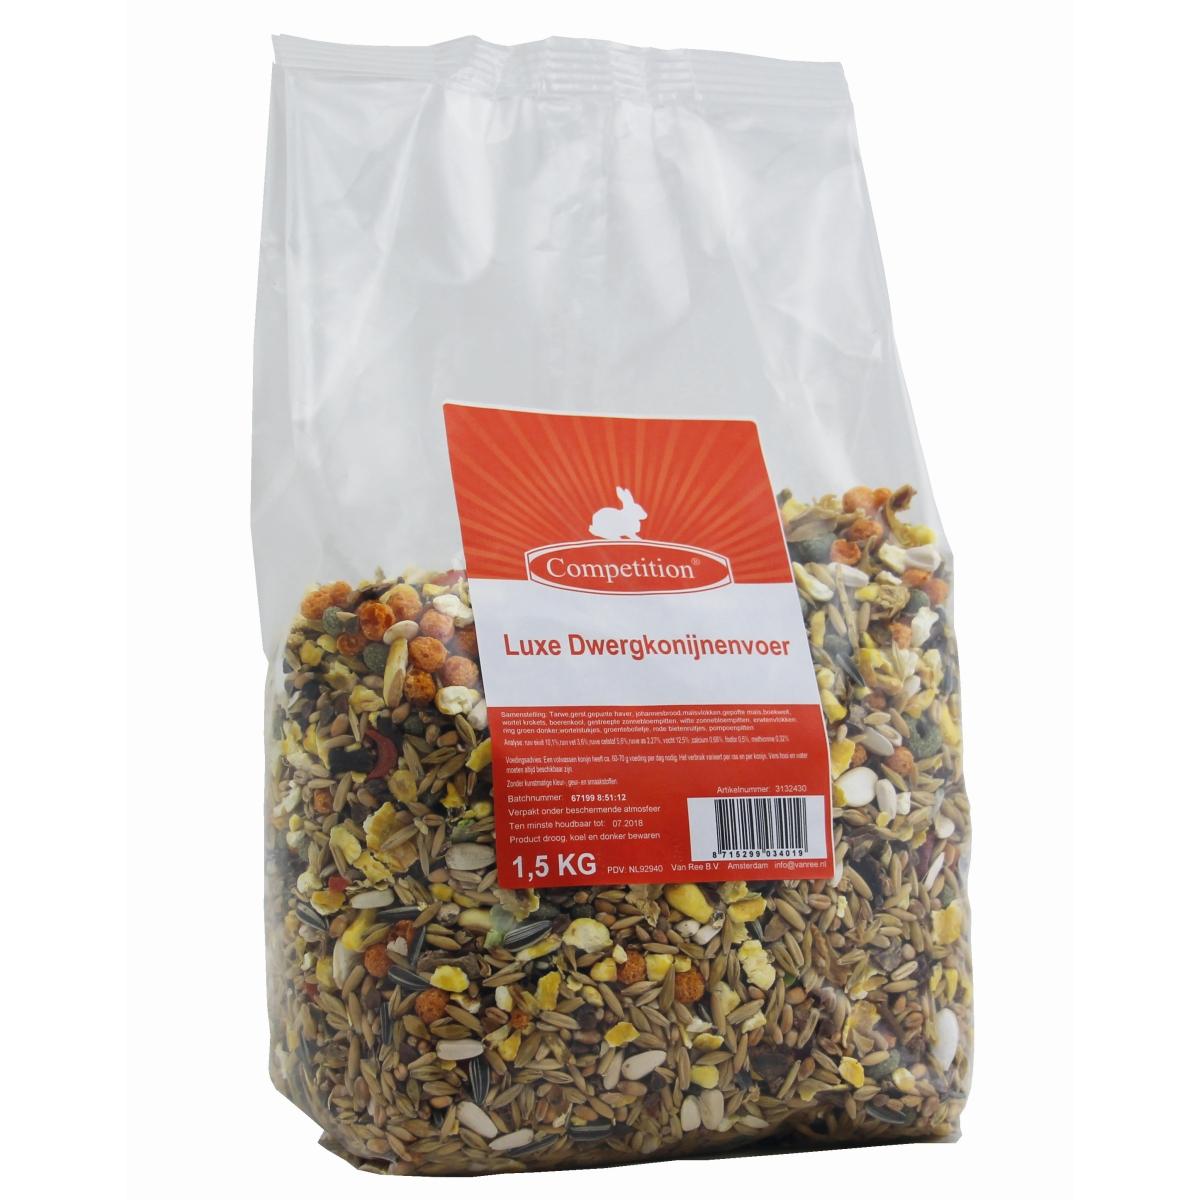 Luxe gemengd dwergkonijnenvoer 1,5 kg